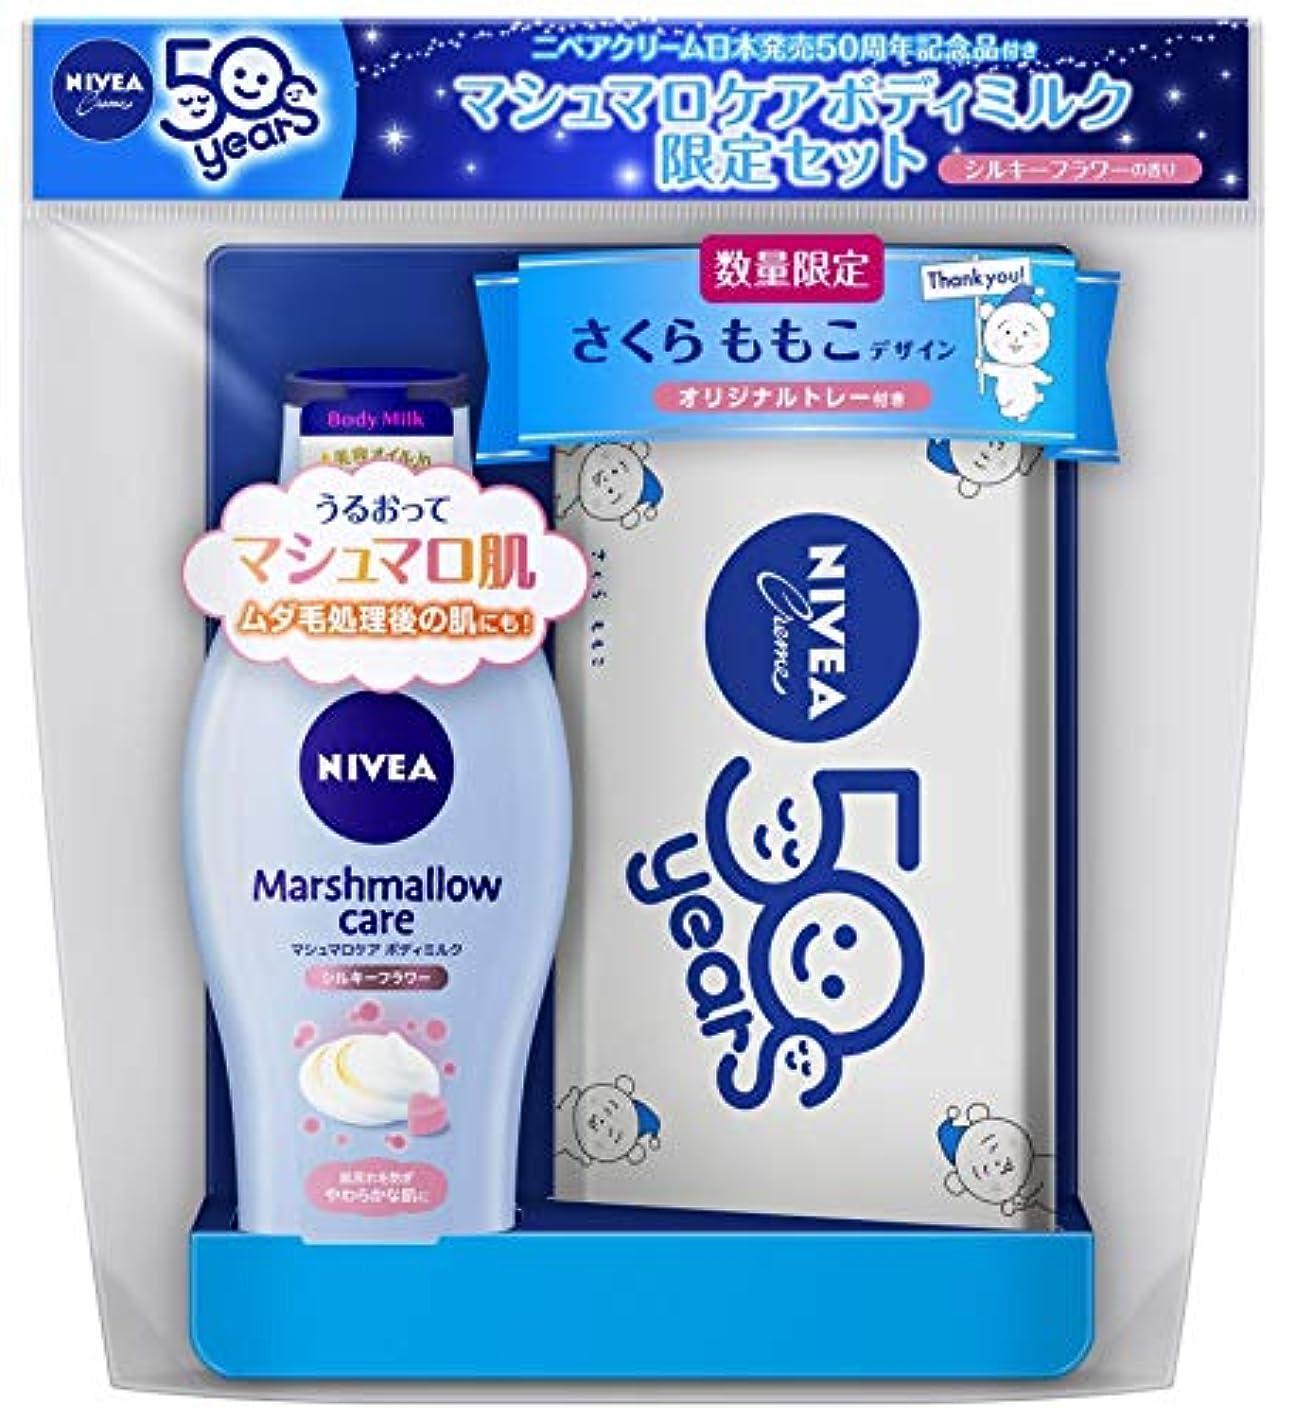 【数量限定】ニベア マシュマロケアボディミルク シルキーフラワーの香り+さくらももこデザインオリジナルトレー付き